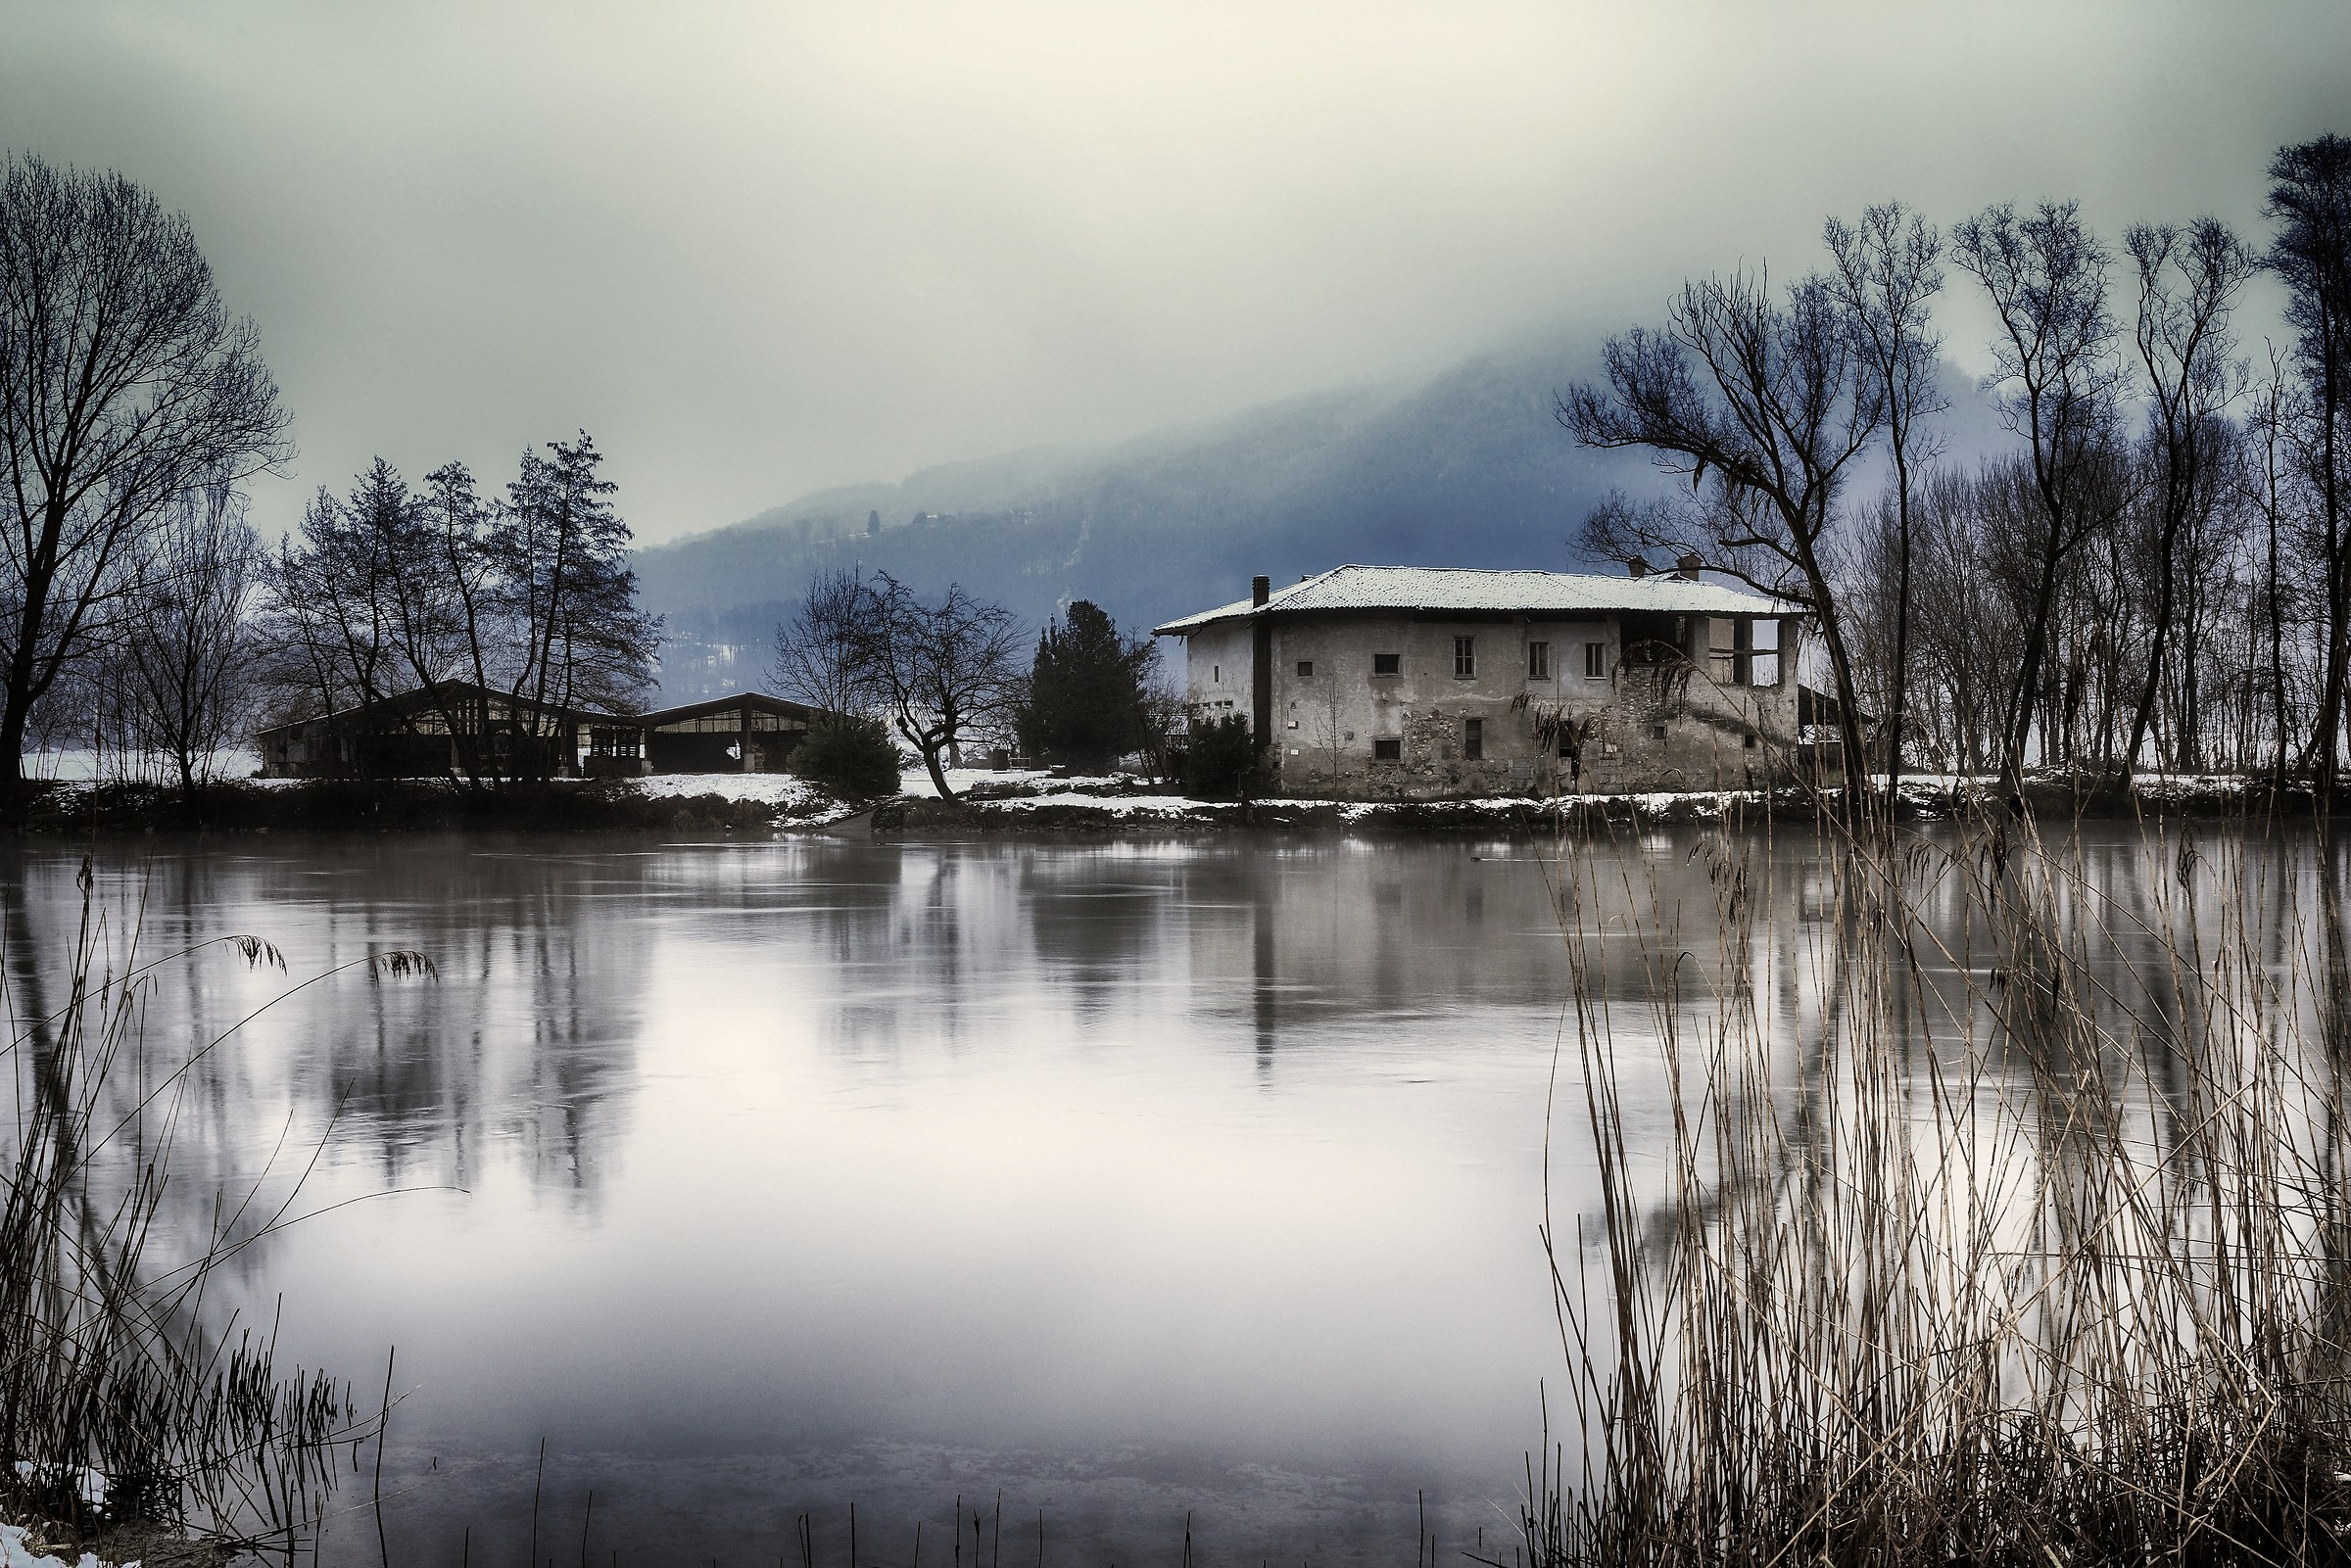 The old farmhouse...